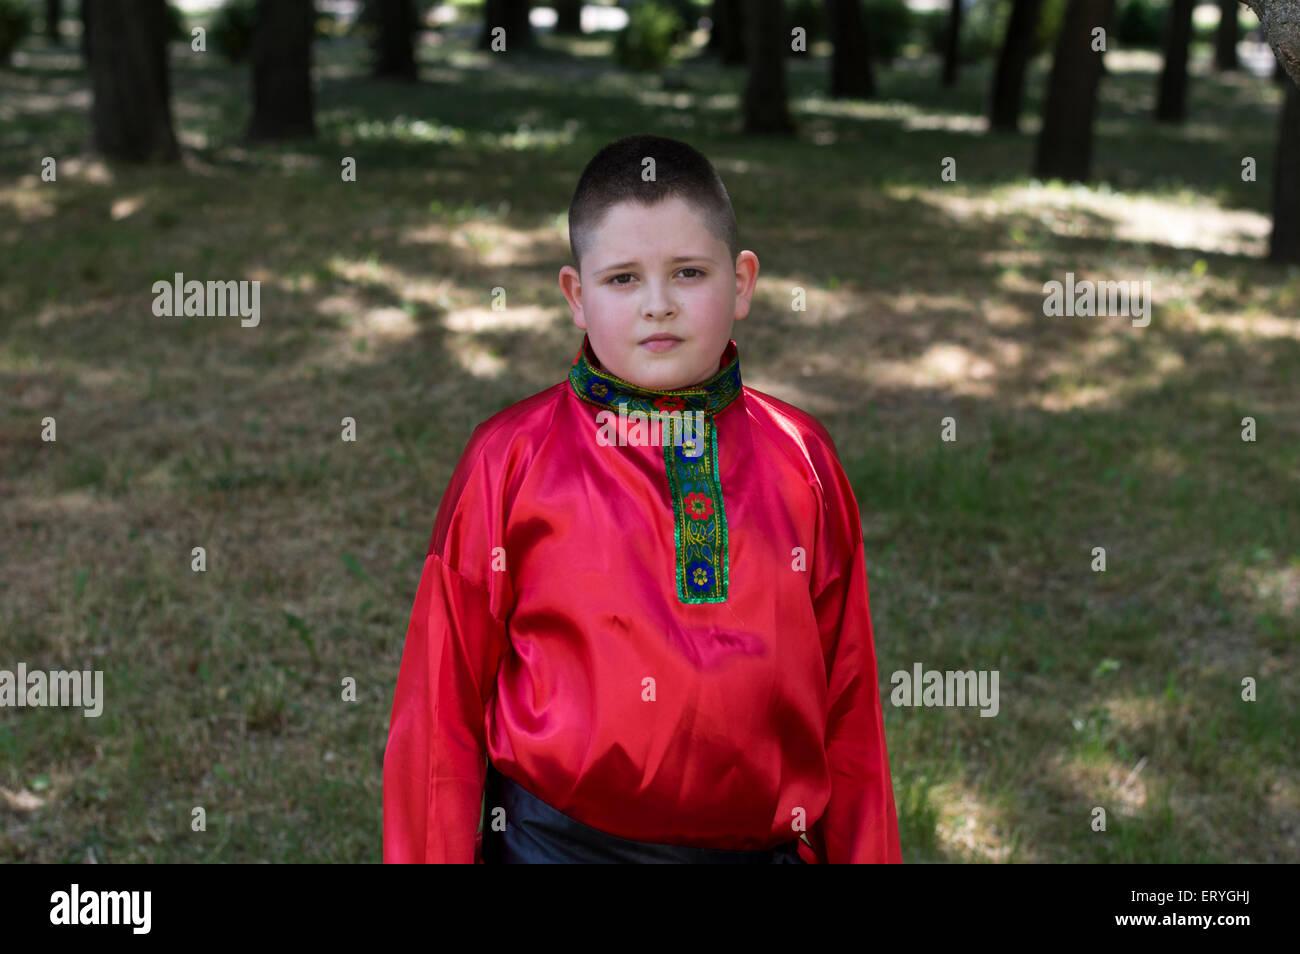 Le garçon dans une chemise russe rouge Photo Stock